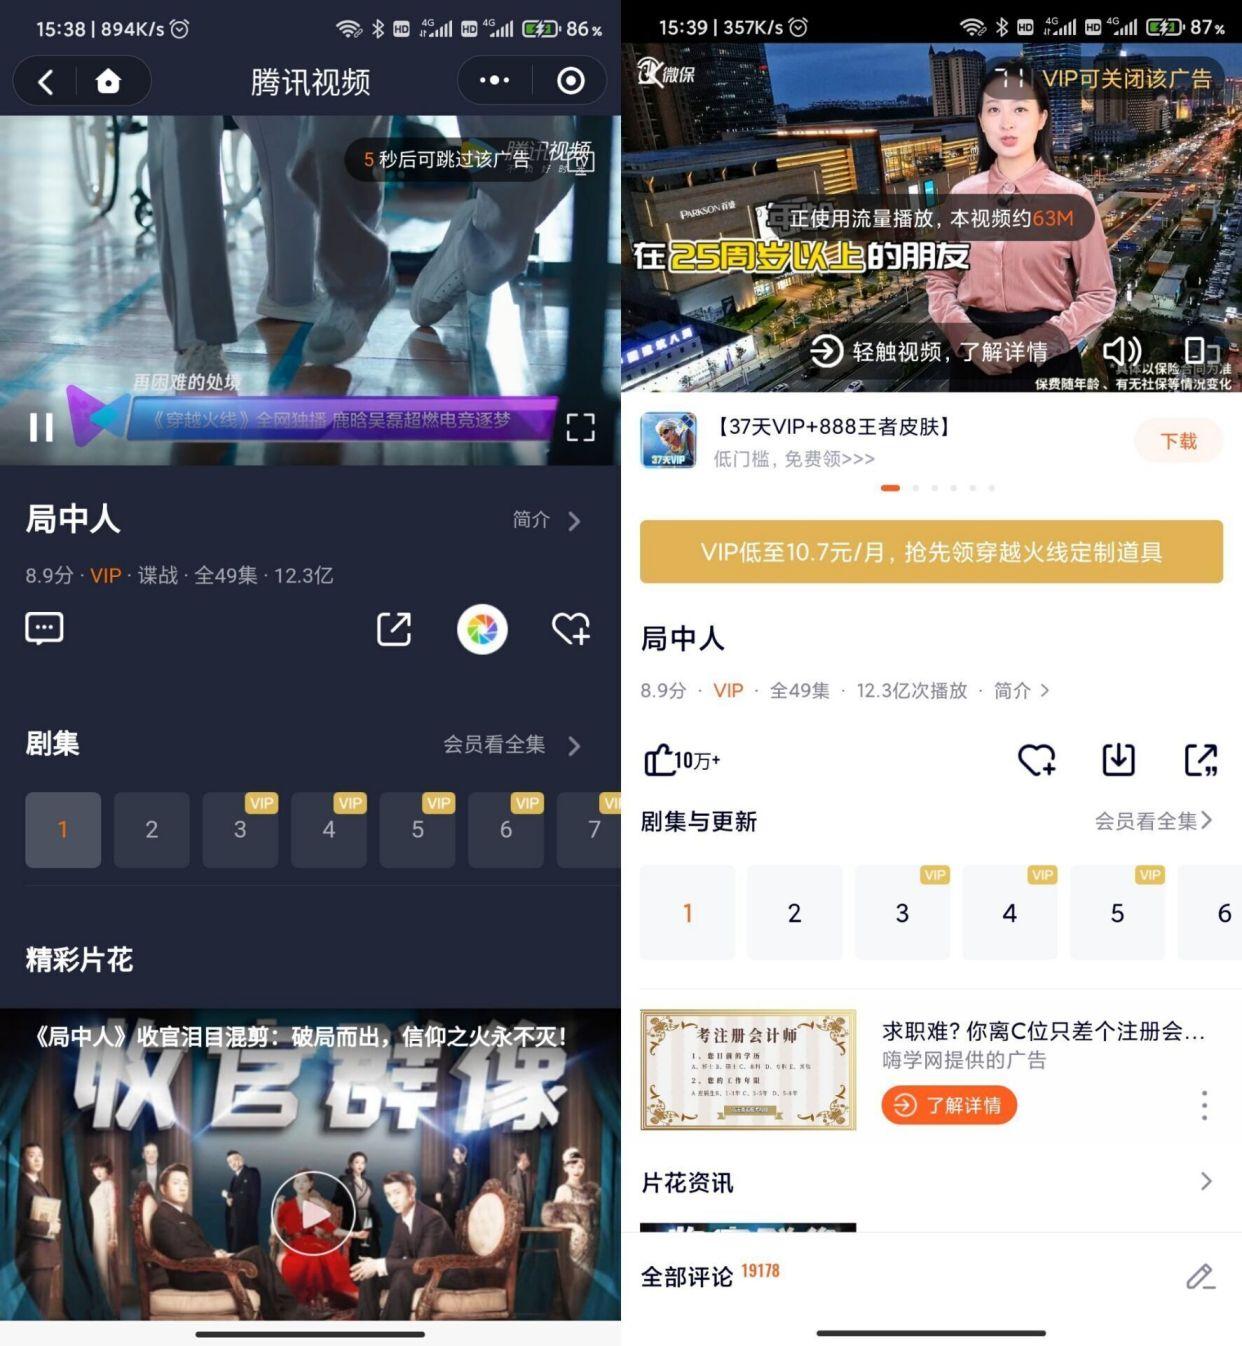 【干货分享】腾讯视频免广告!